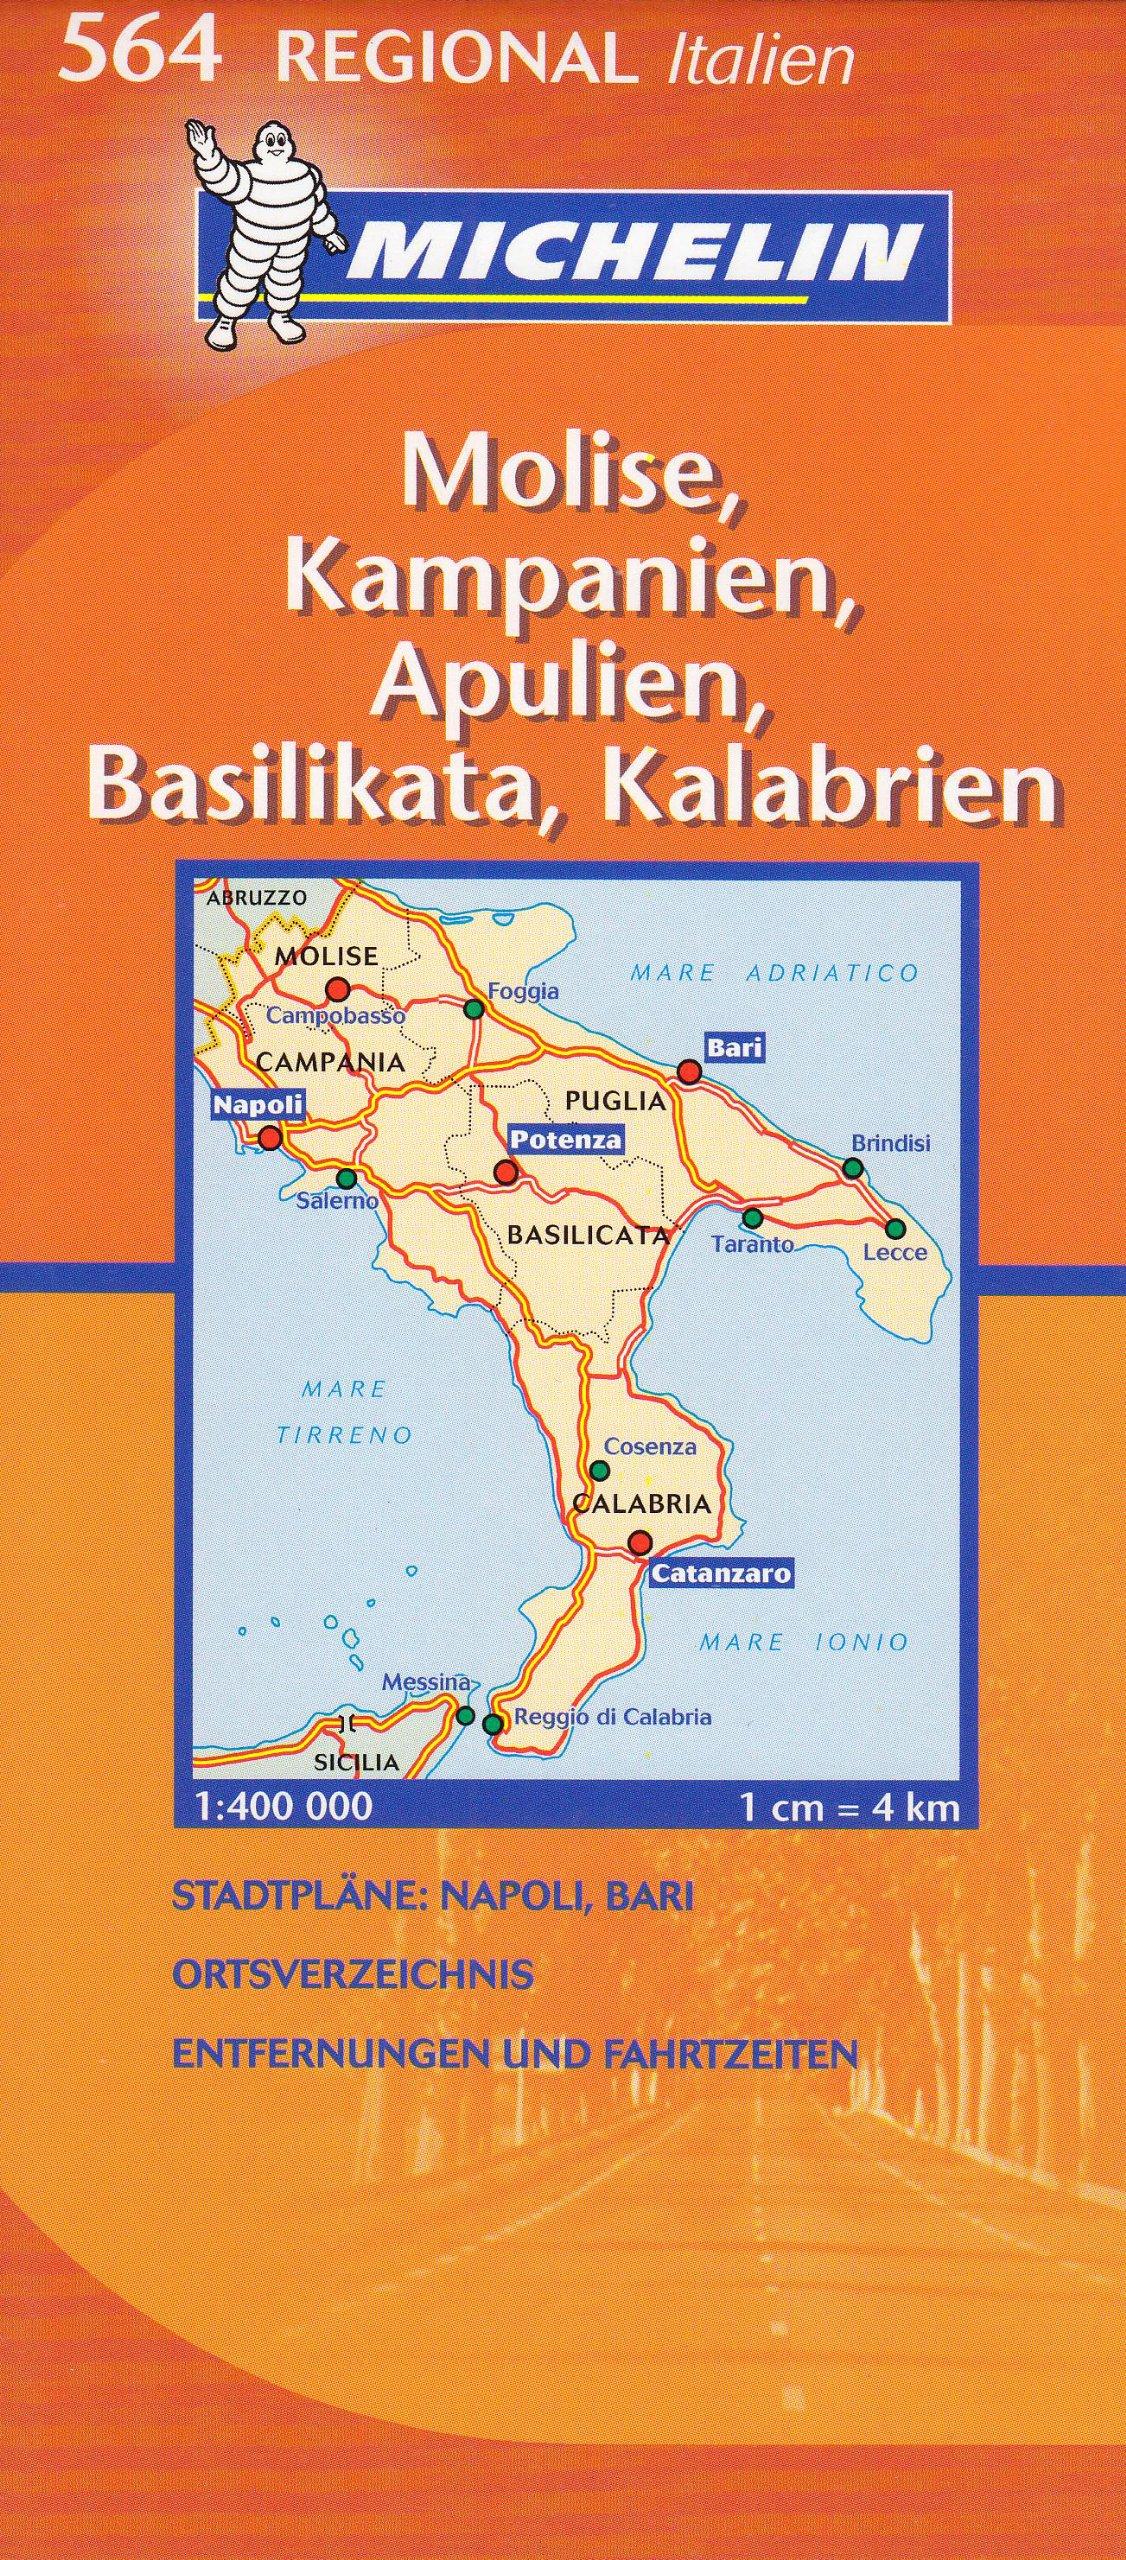 Regionalkarte Molise/Kampanien/Apulien (MICHELIN Regionalkarten, Band 564)